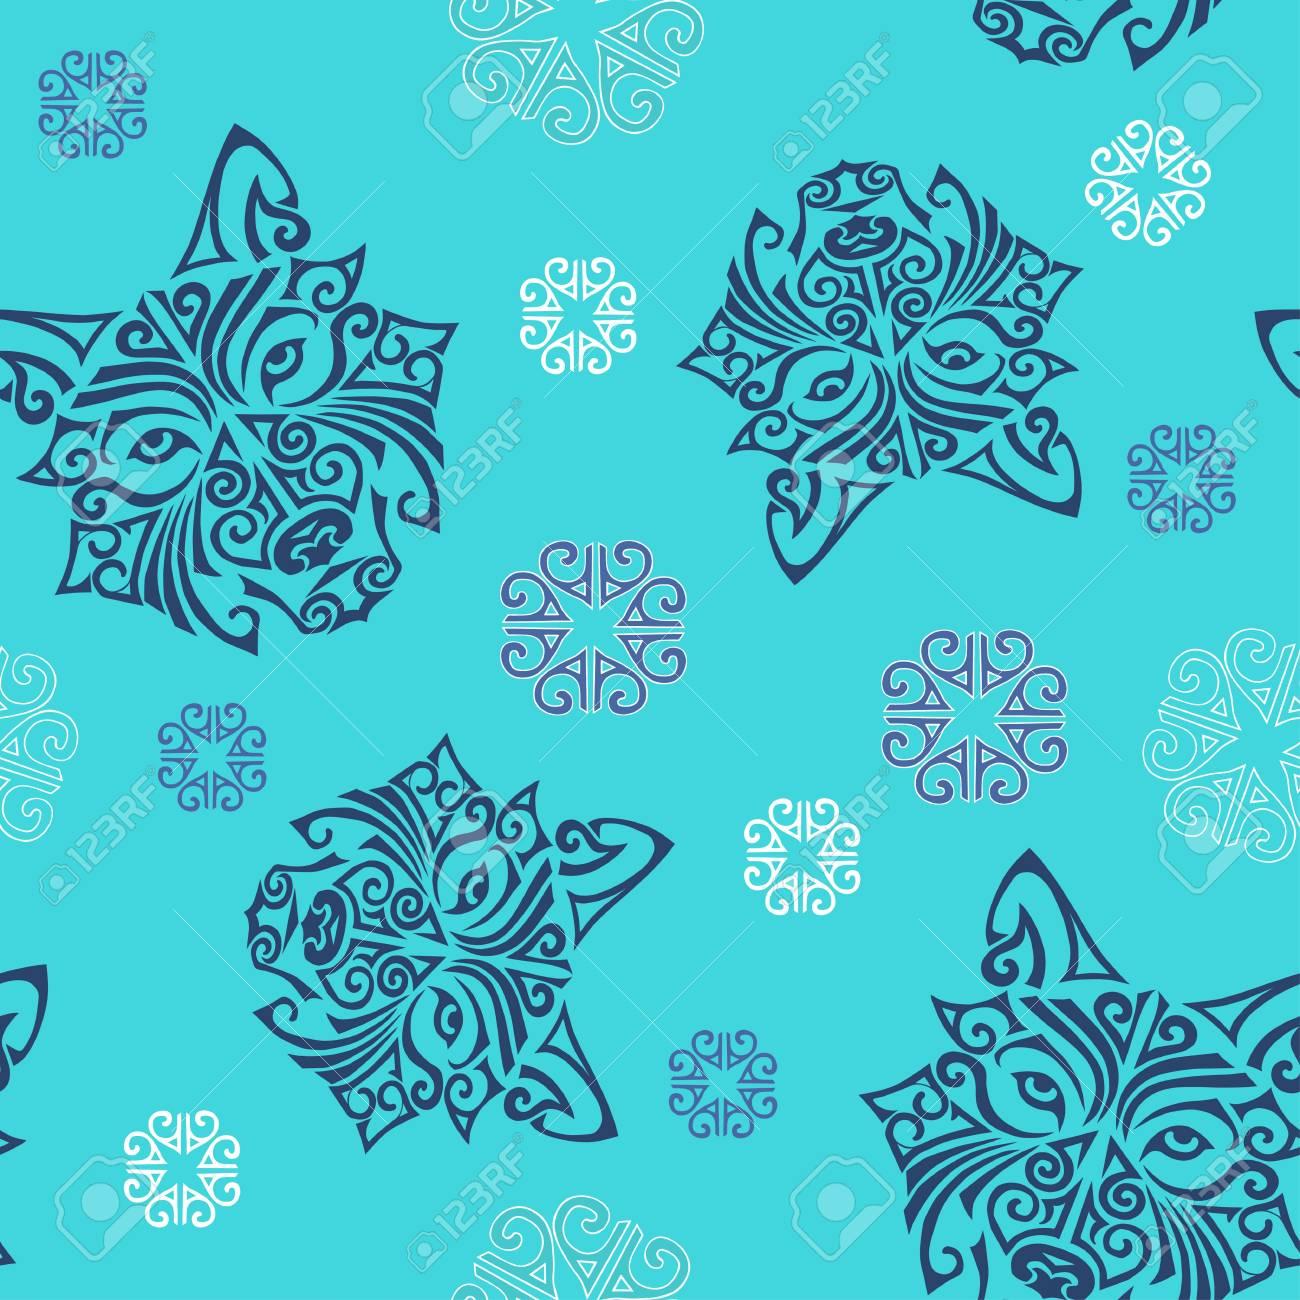 Modele Sans Couture Avec Loup Ou Chien Husky Tete Stylisee Tatouage Maori Visage Symbole De 2018 Annee Vecteur Clip Art Libres De Droits Vecteurs Et Illustration Image 83287053